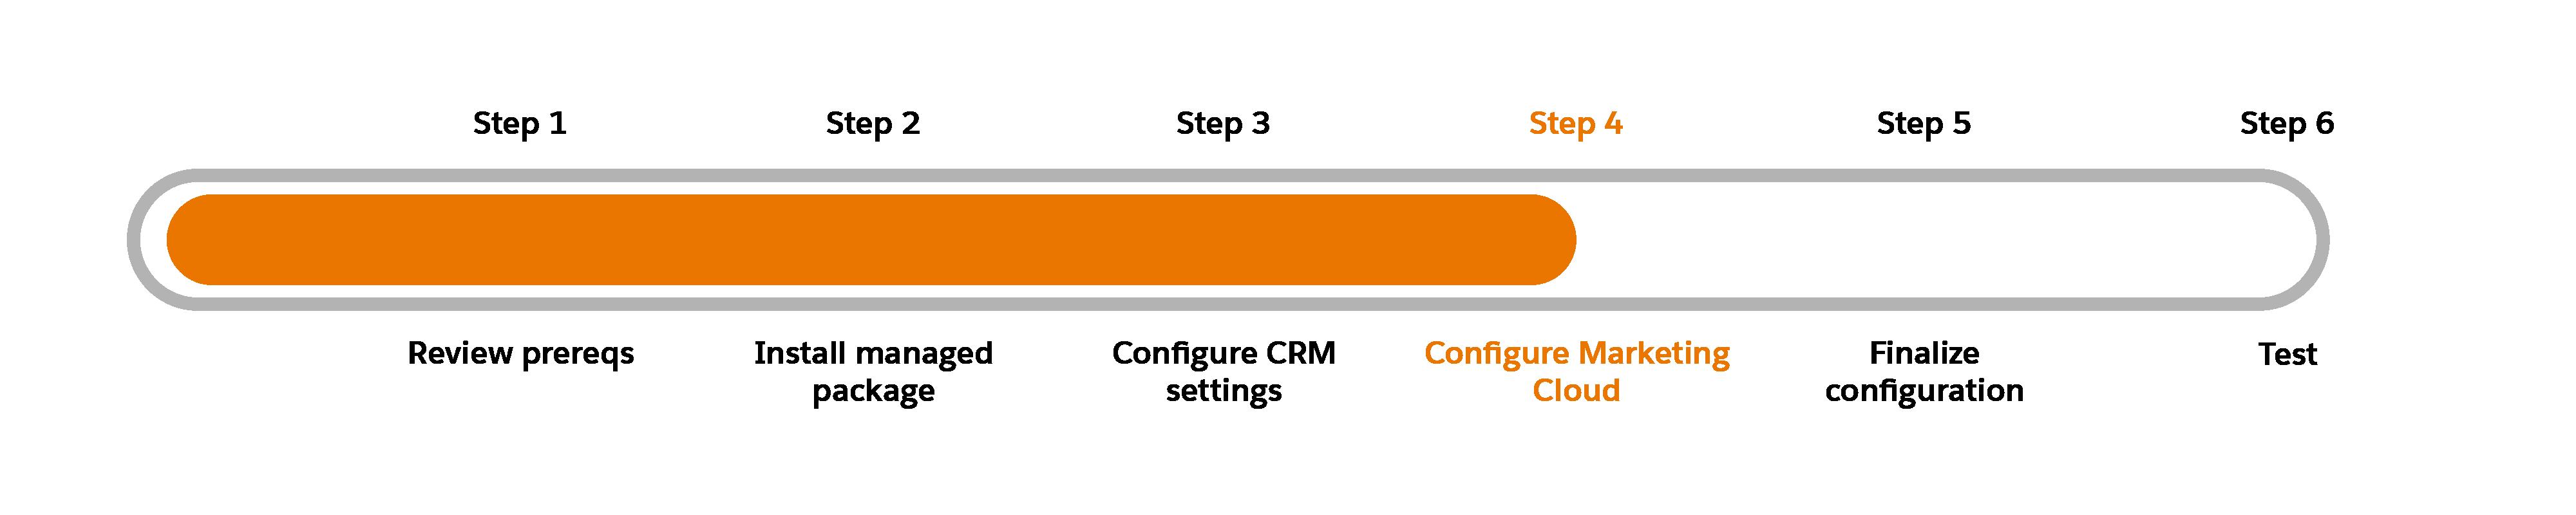 Schéma de progression avec l'étape4, Configuration de MarketingCloud, en surbrillance.